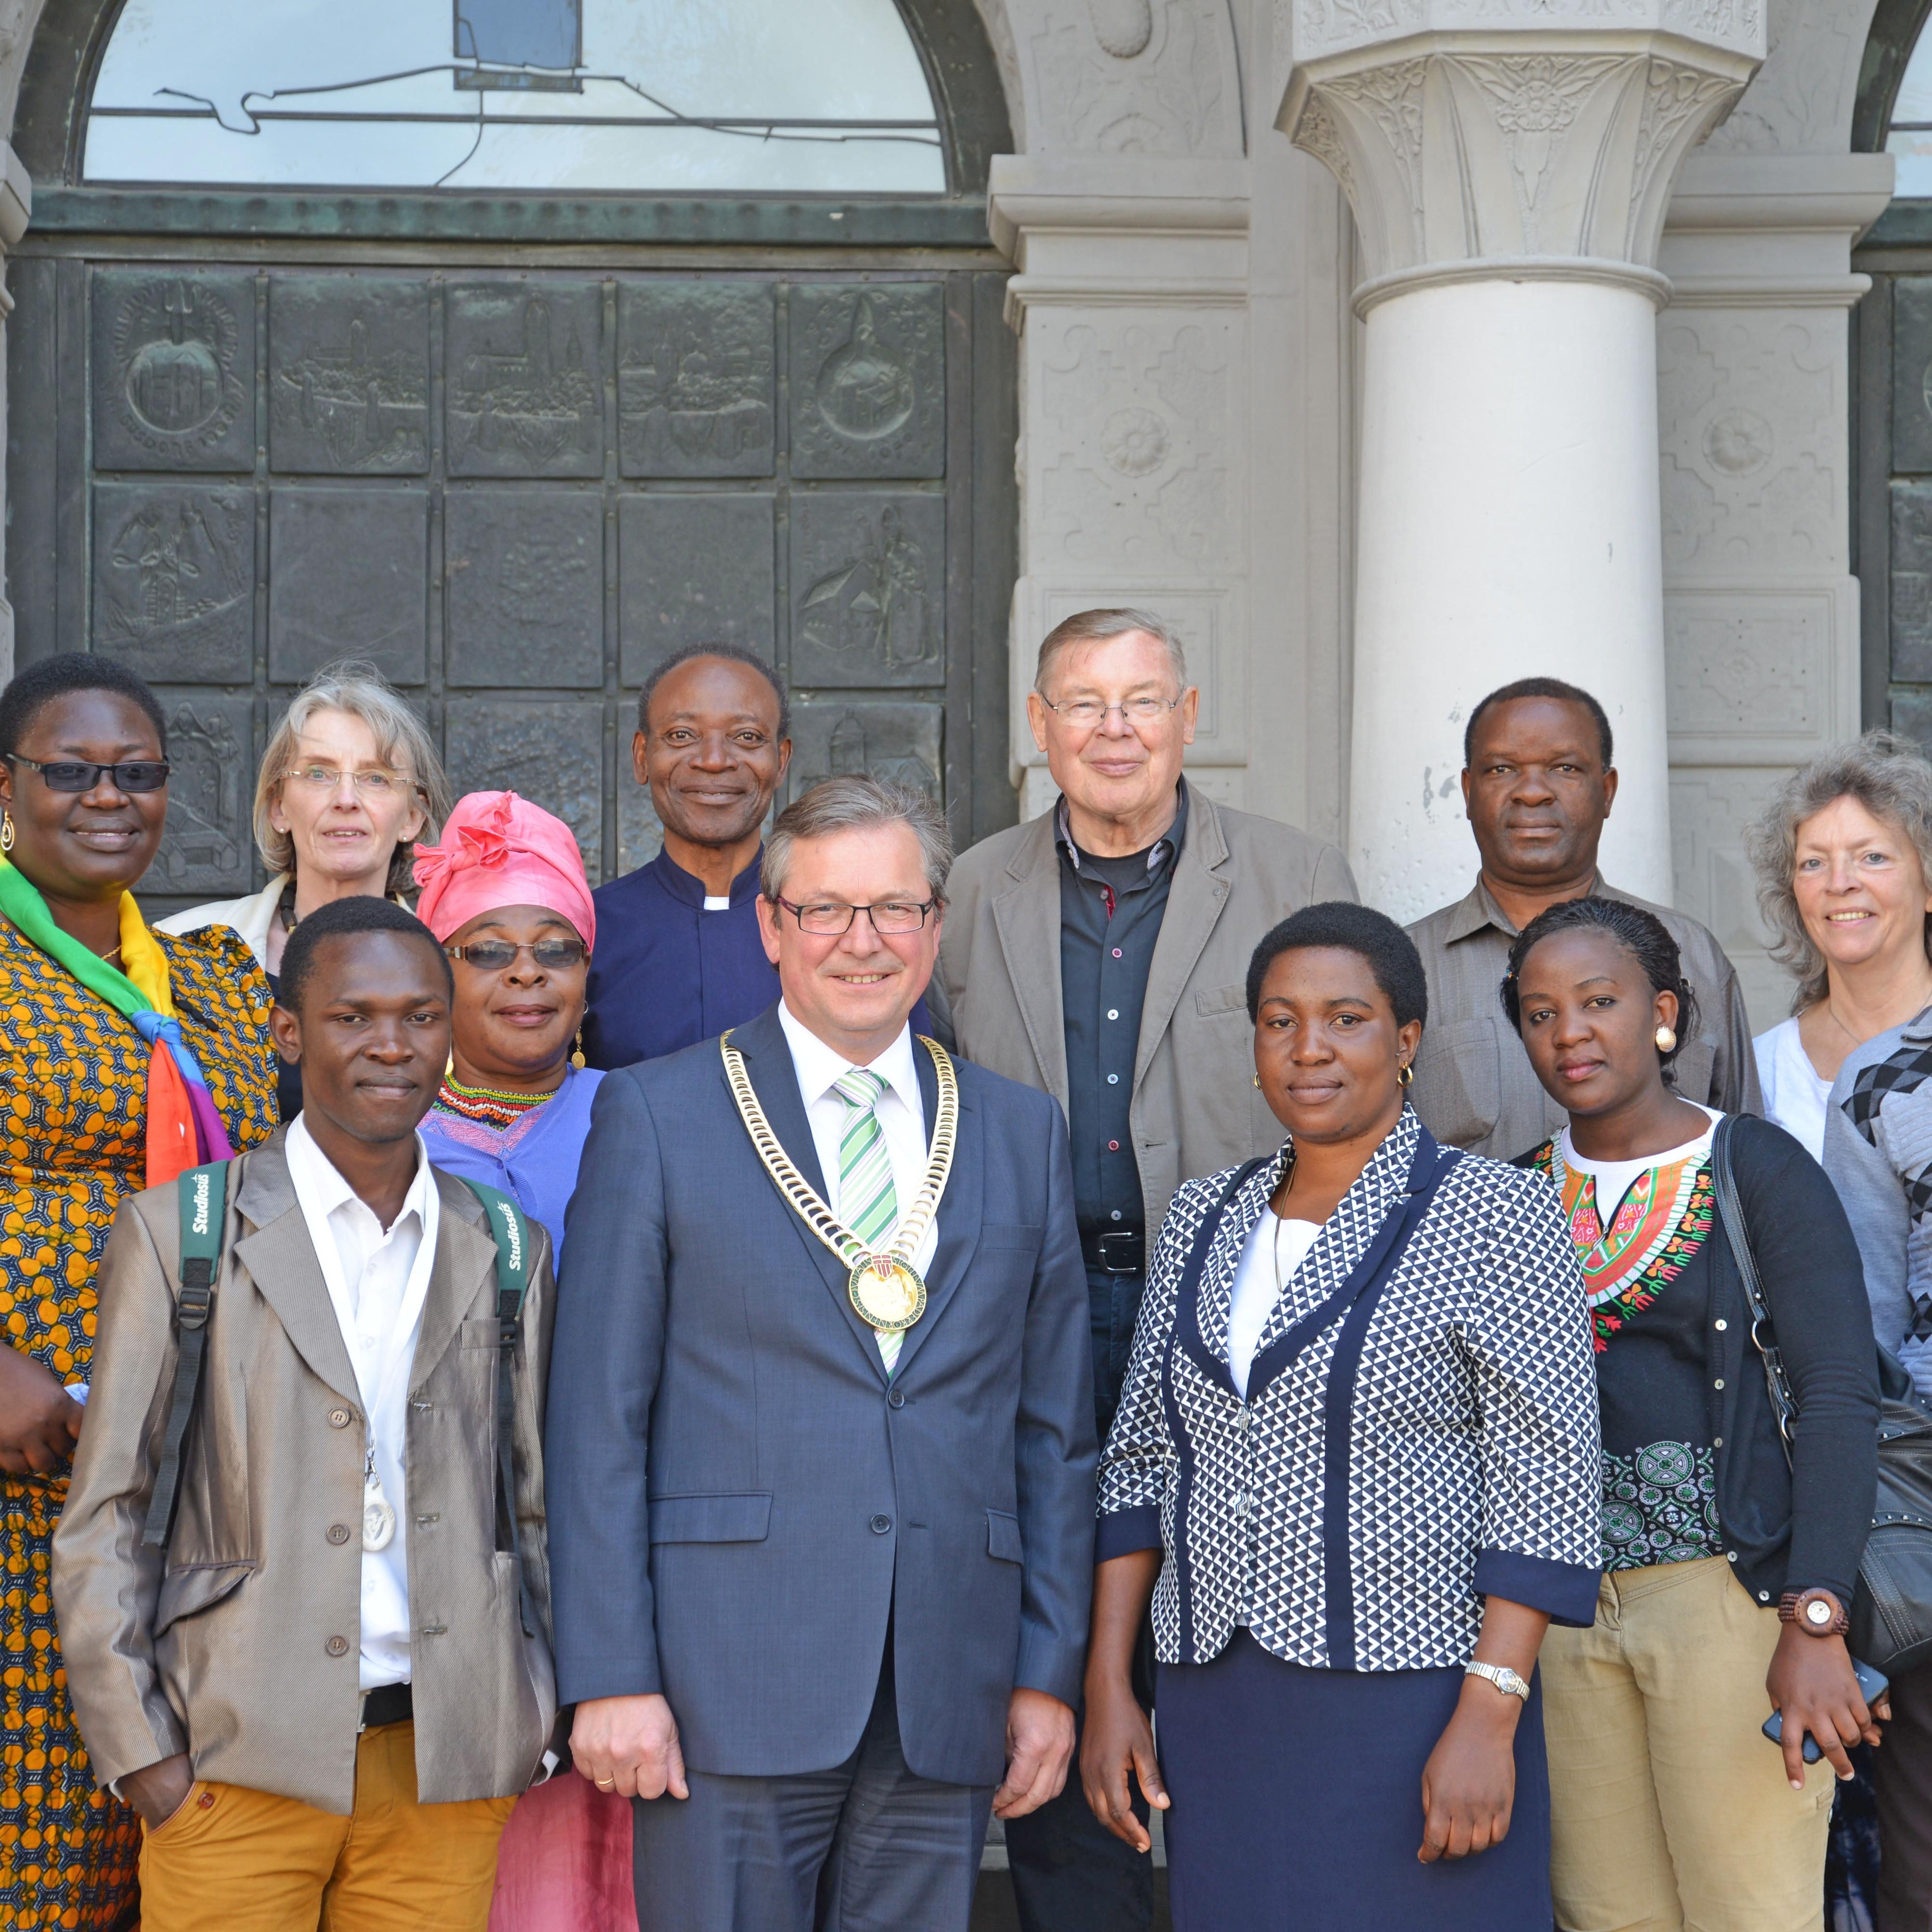 Empfang im historischen Rathaus Paderborn Bürgermeister Dreier begrüßte Kirchenkreis-Gäste aus Tansania